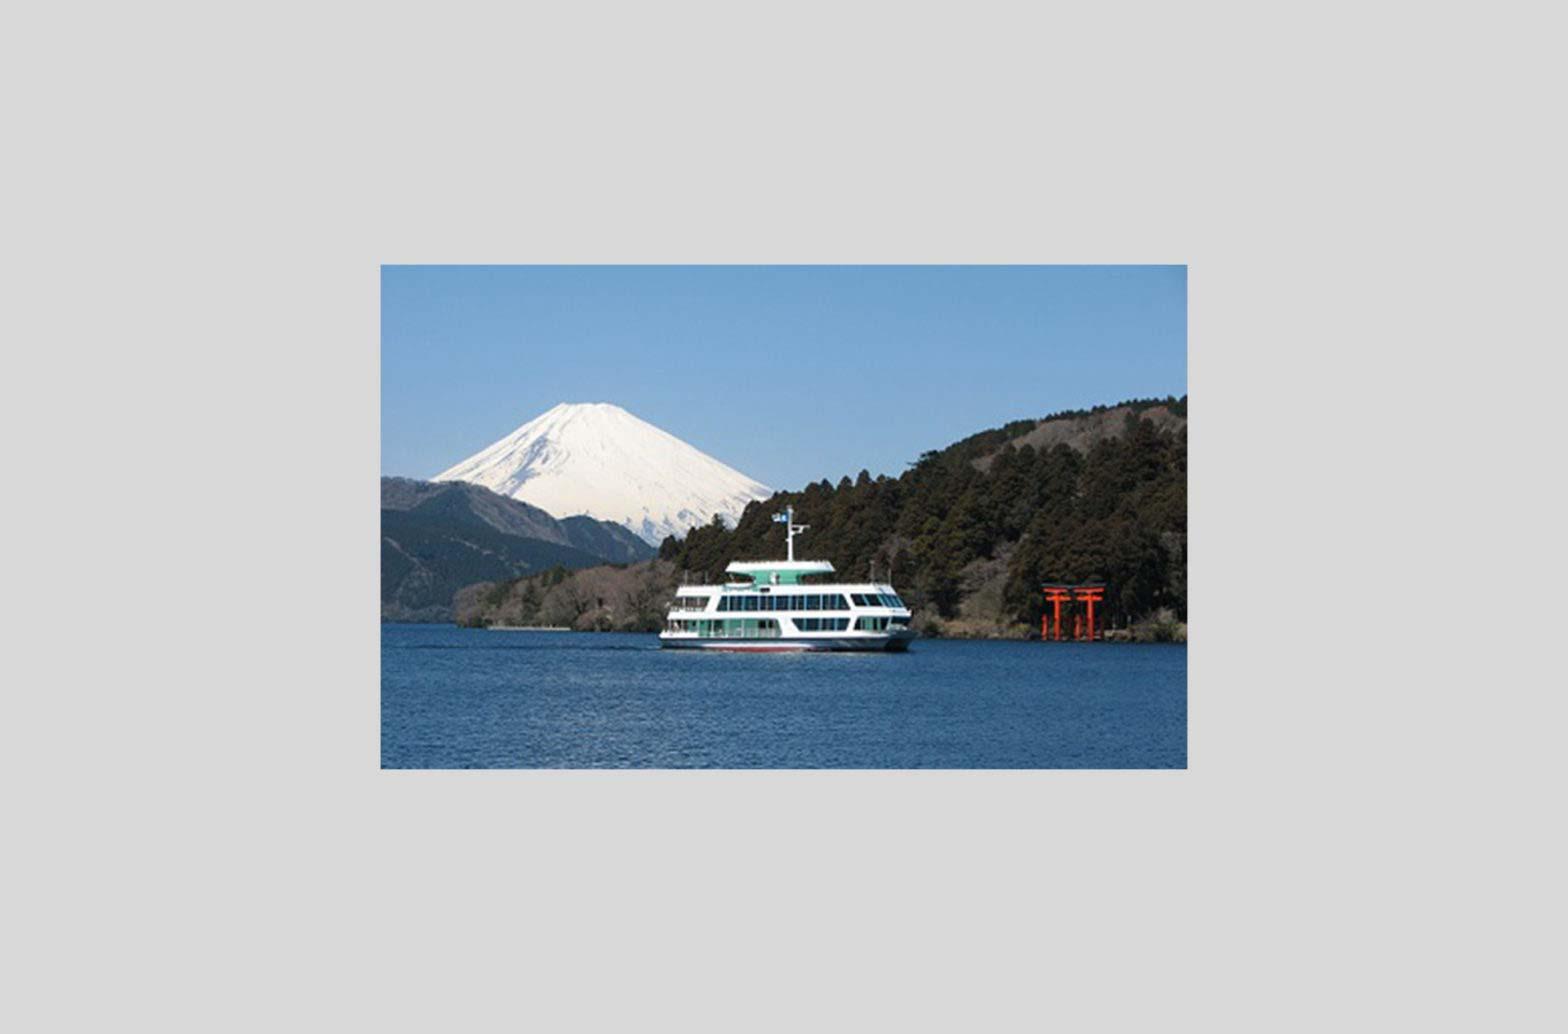 Hakone Ashinoko(Lake Ashi)Boat Cruise(Hakone-en Port)